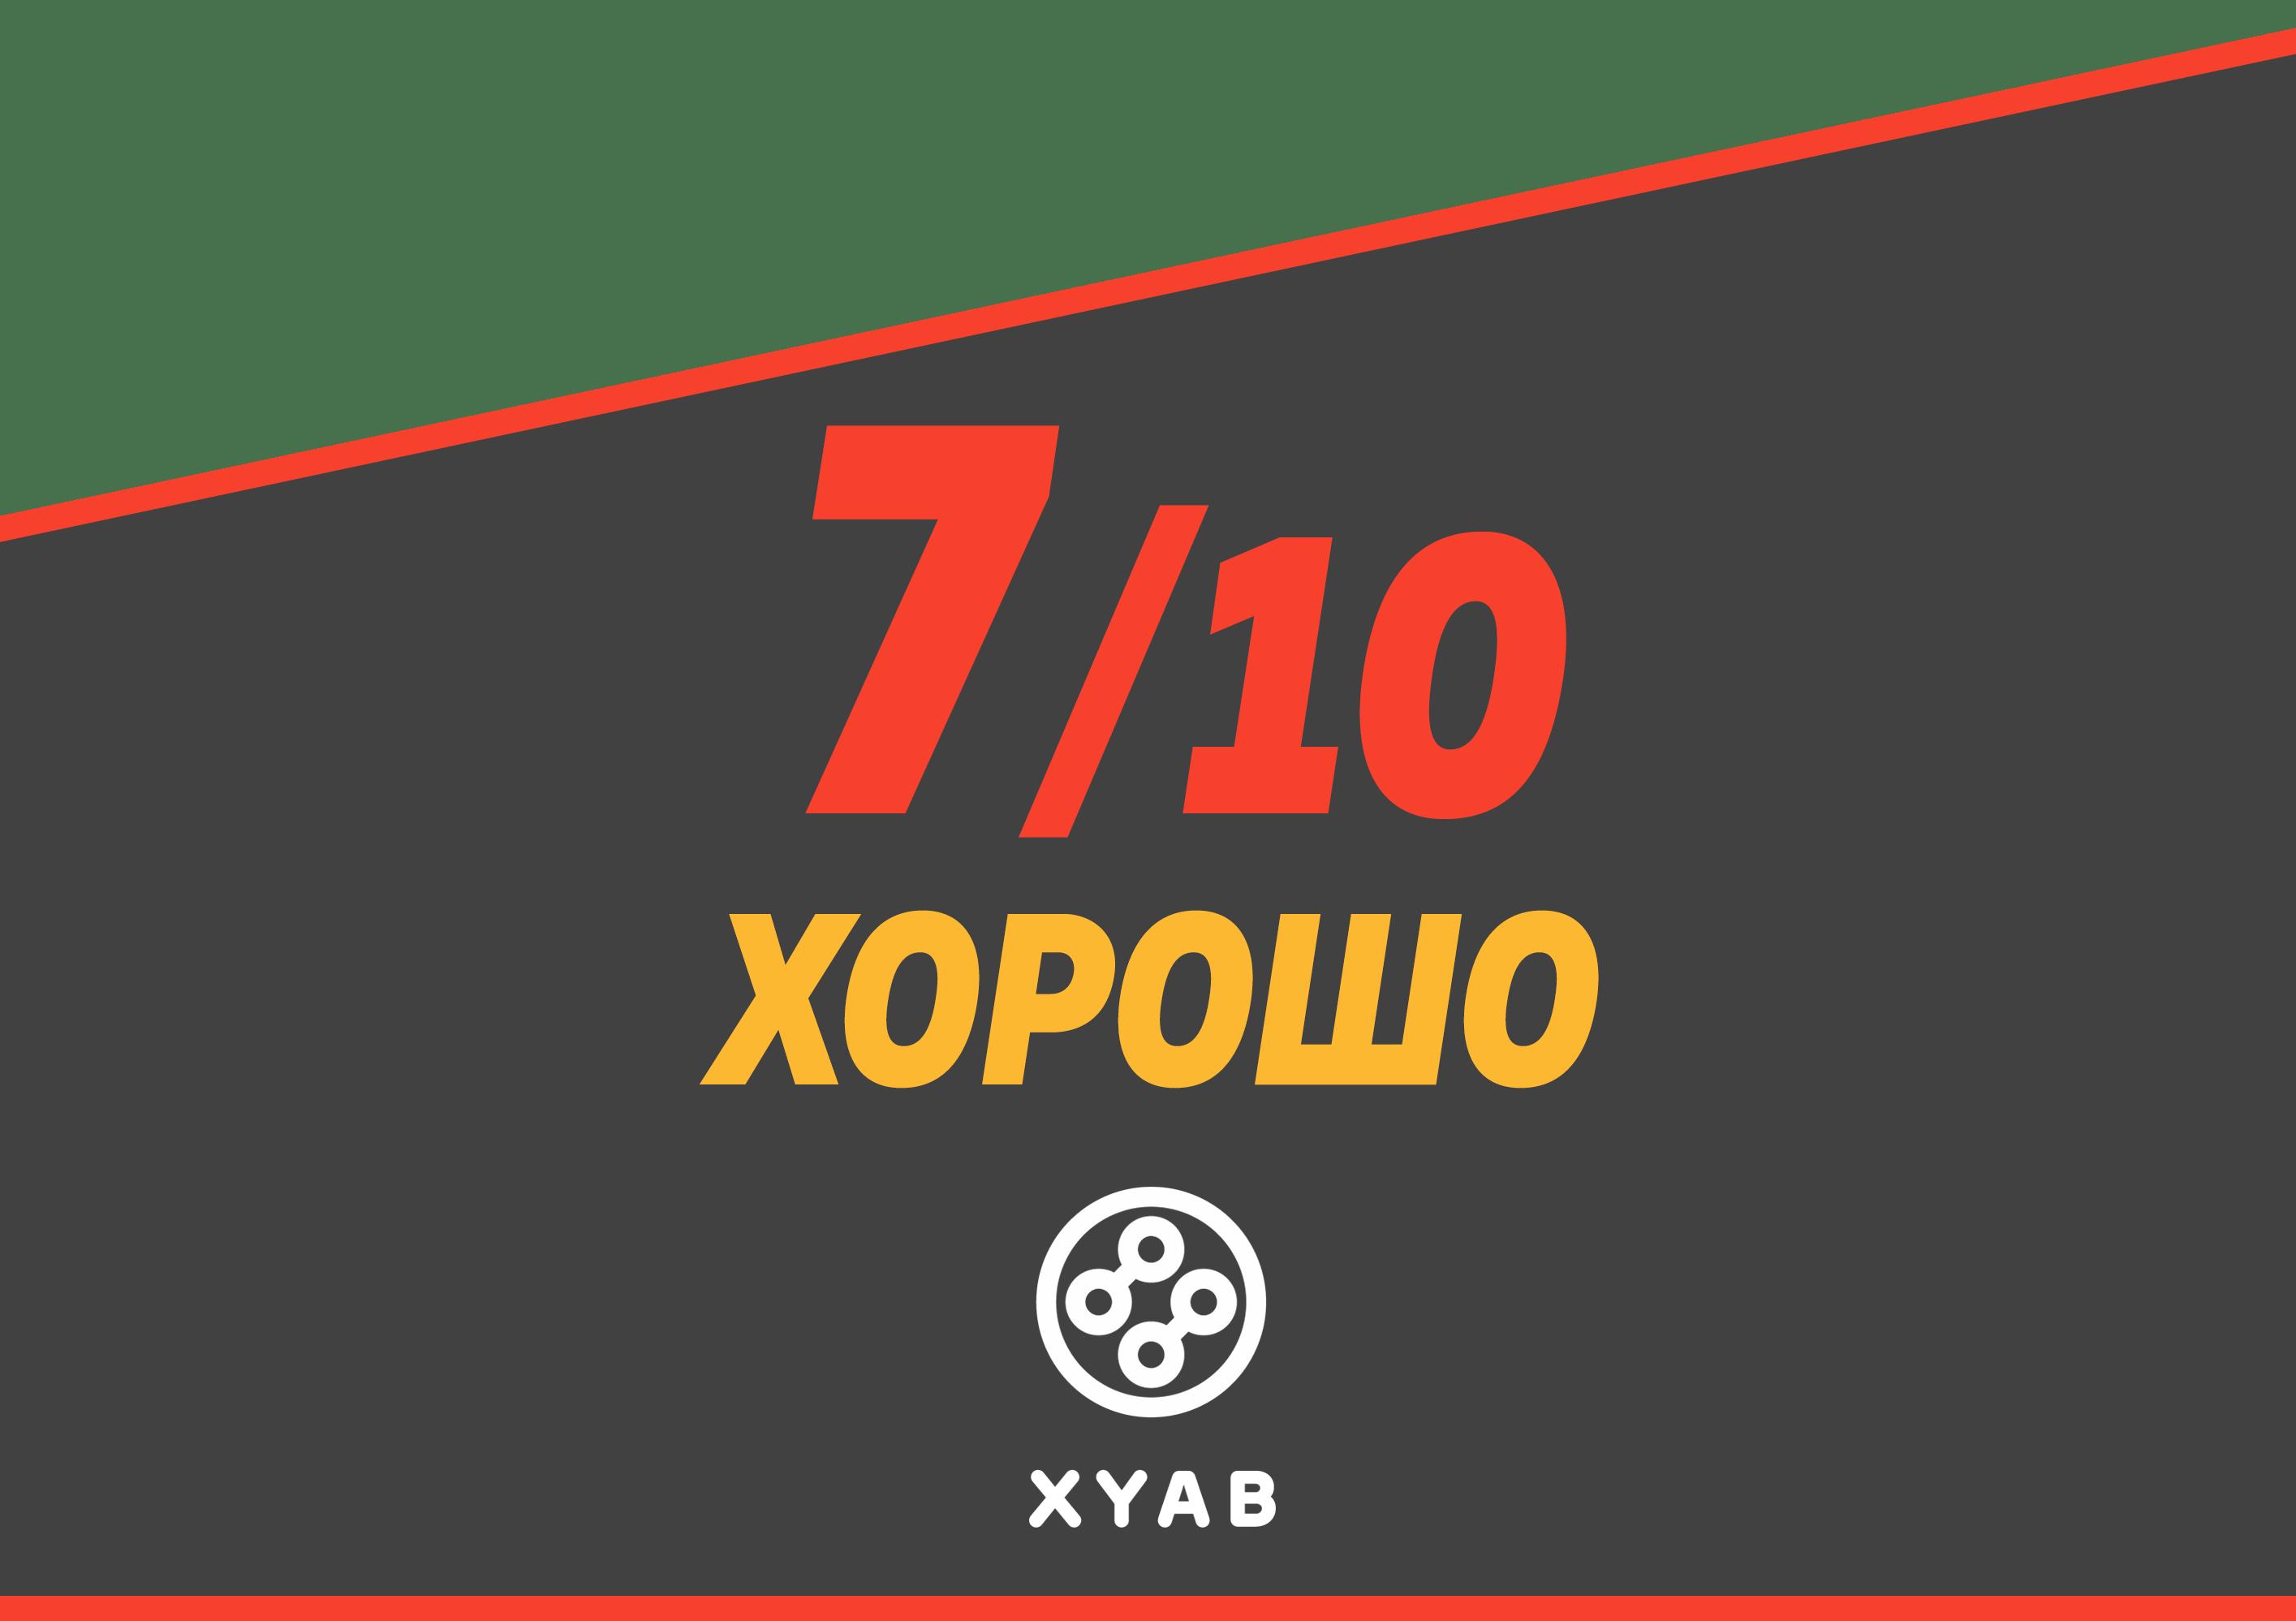 score-7-10